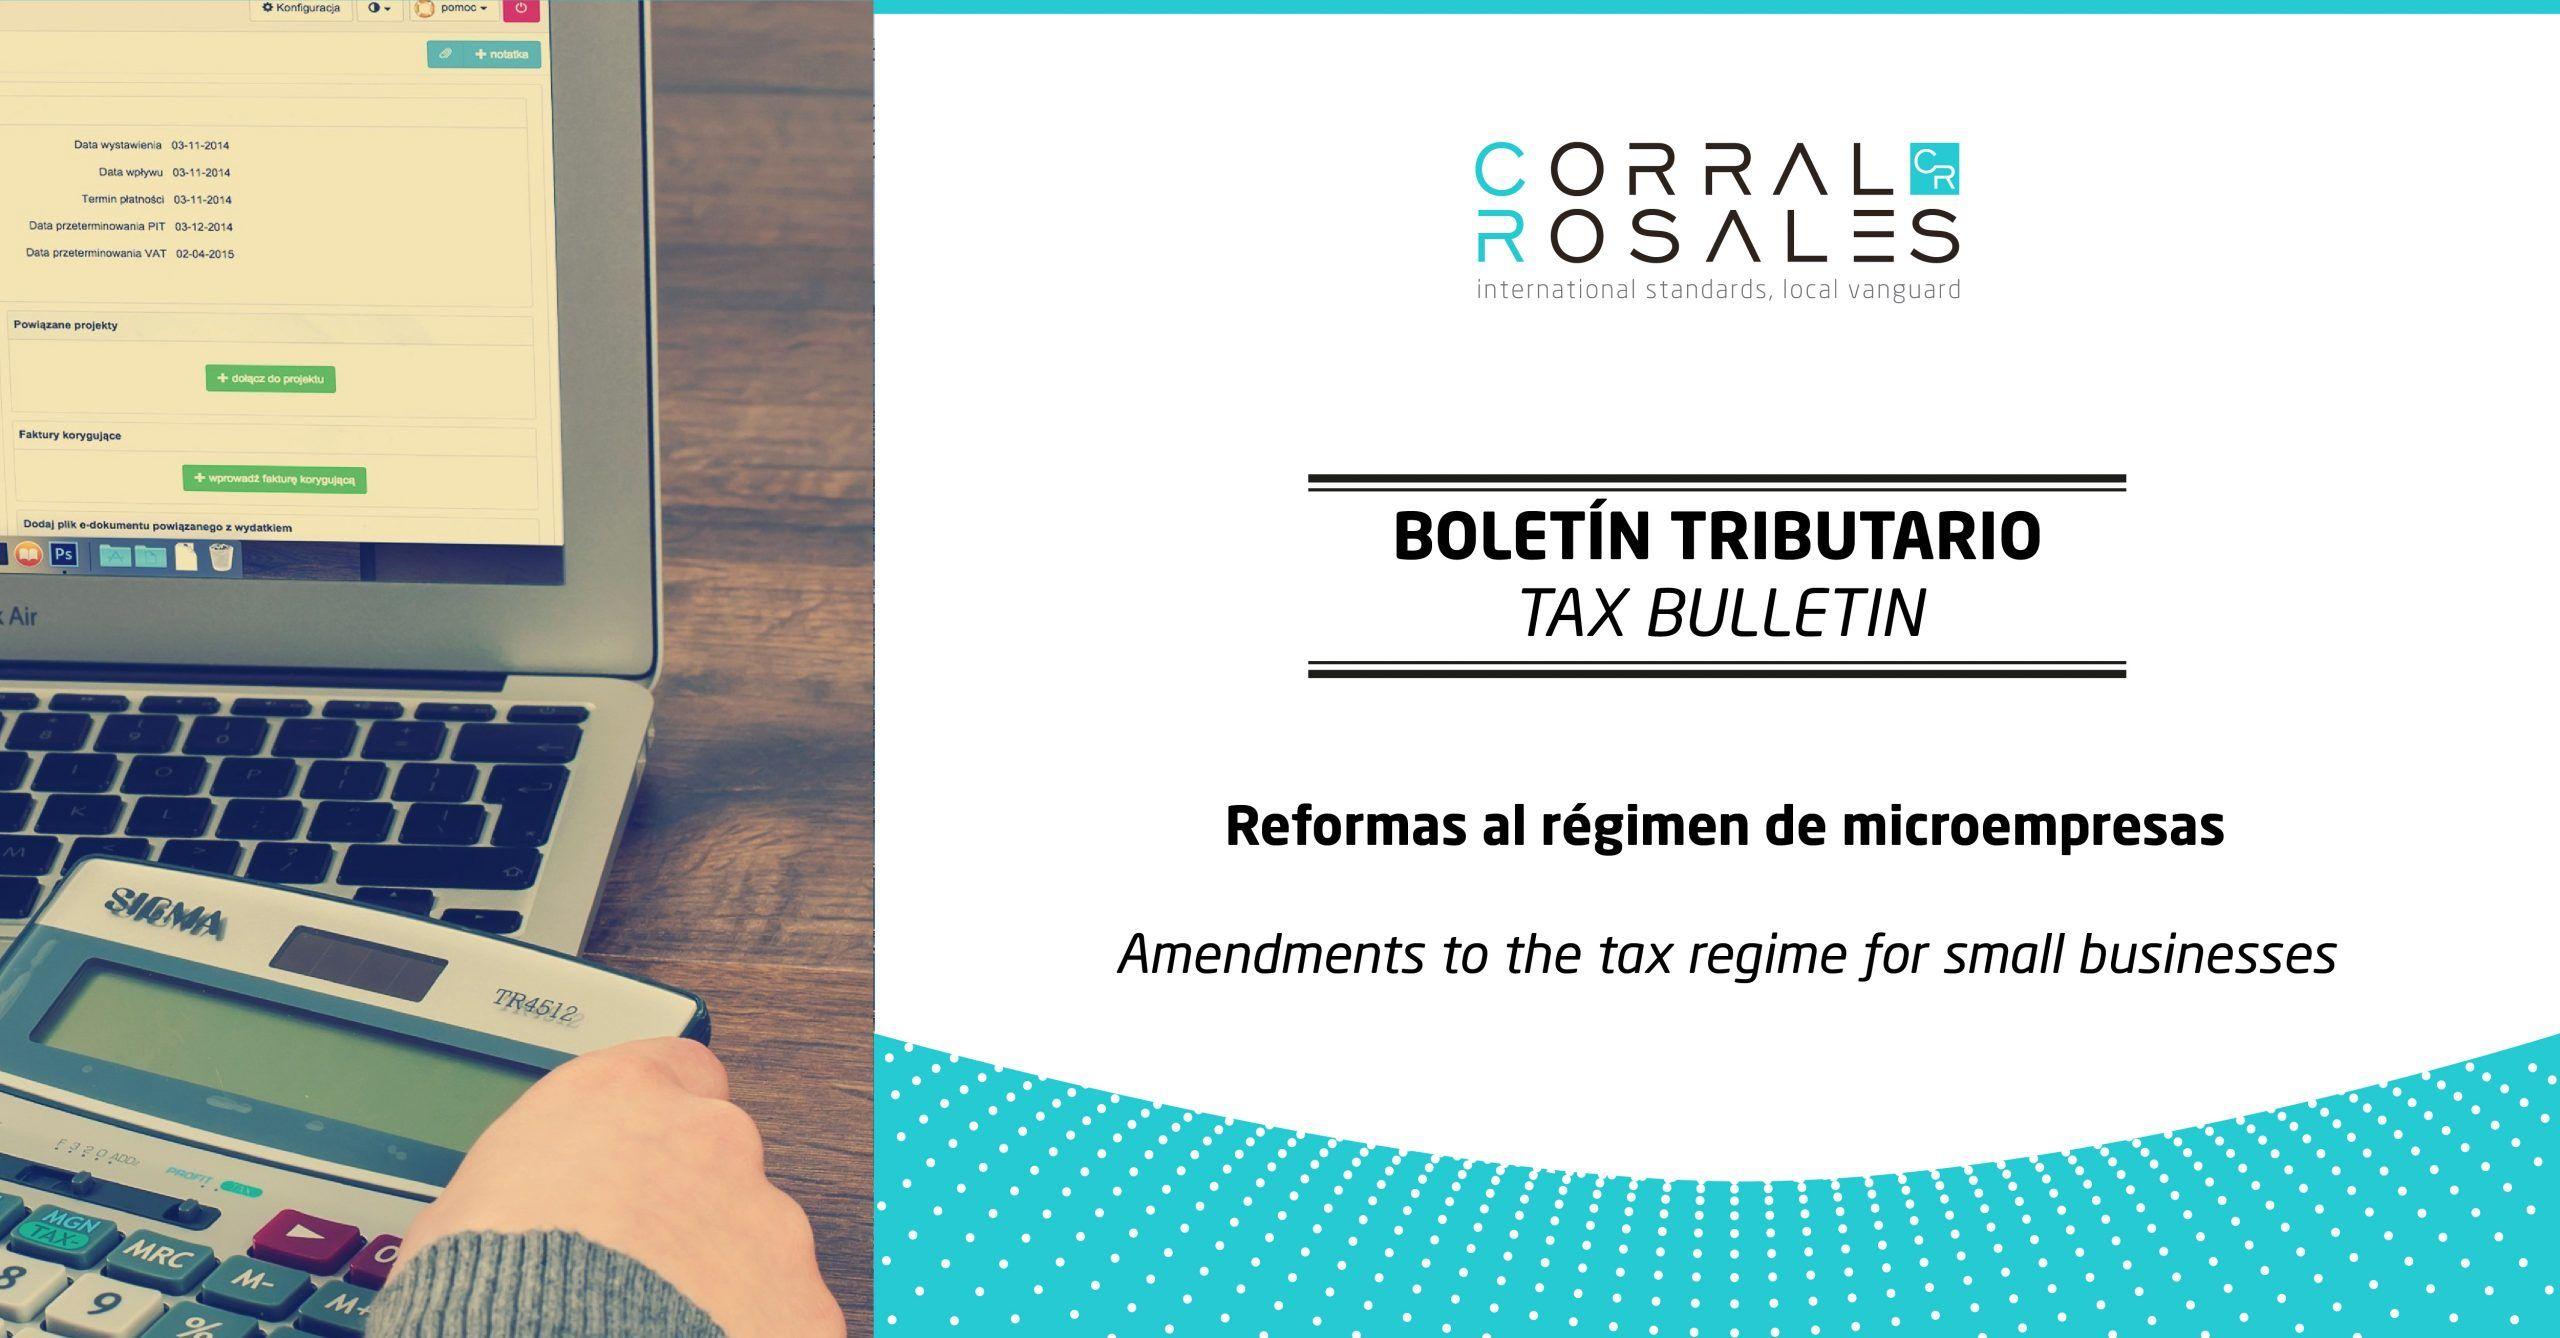 boletin-tributario-reformas-al-regimen-de-microempresas-abogados-ecuador